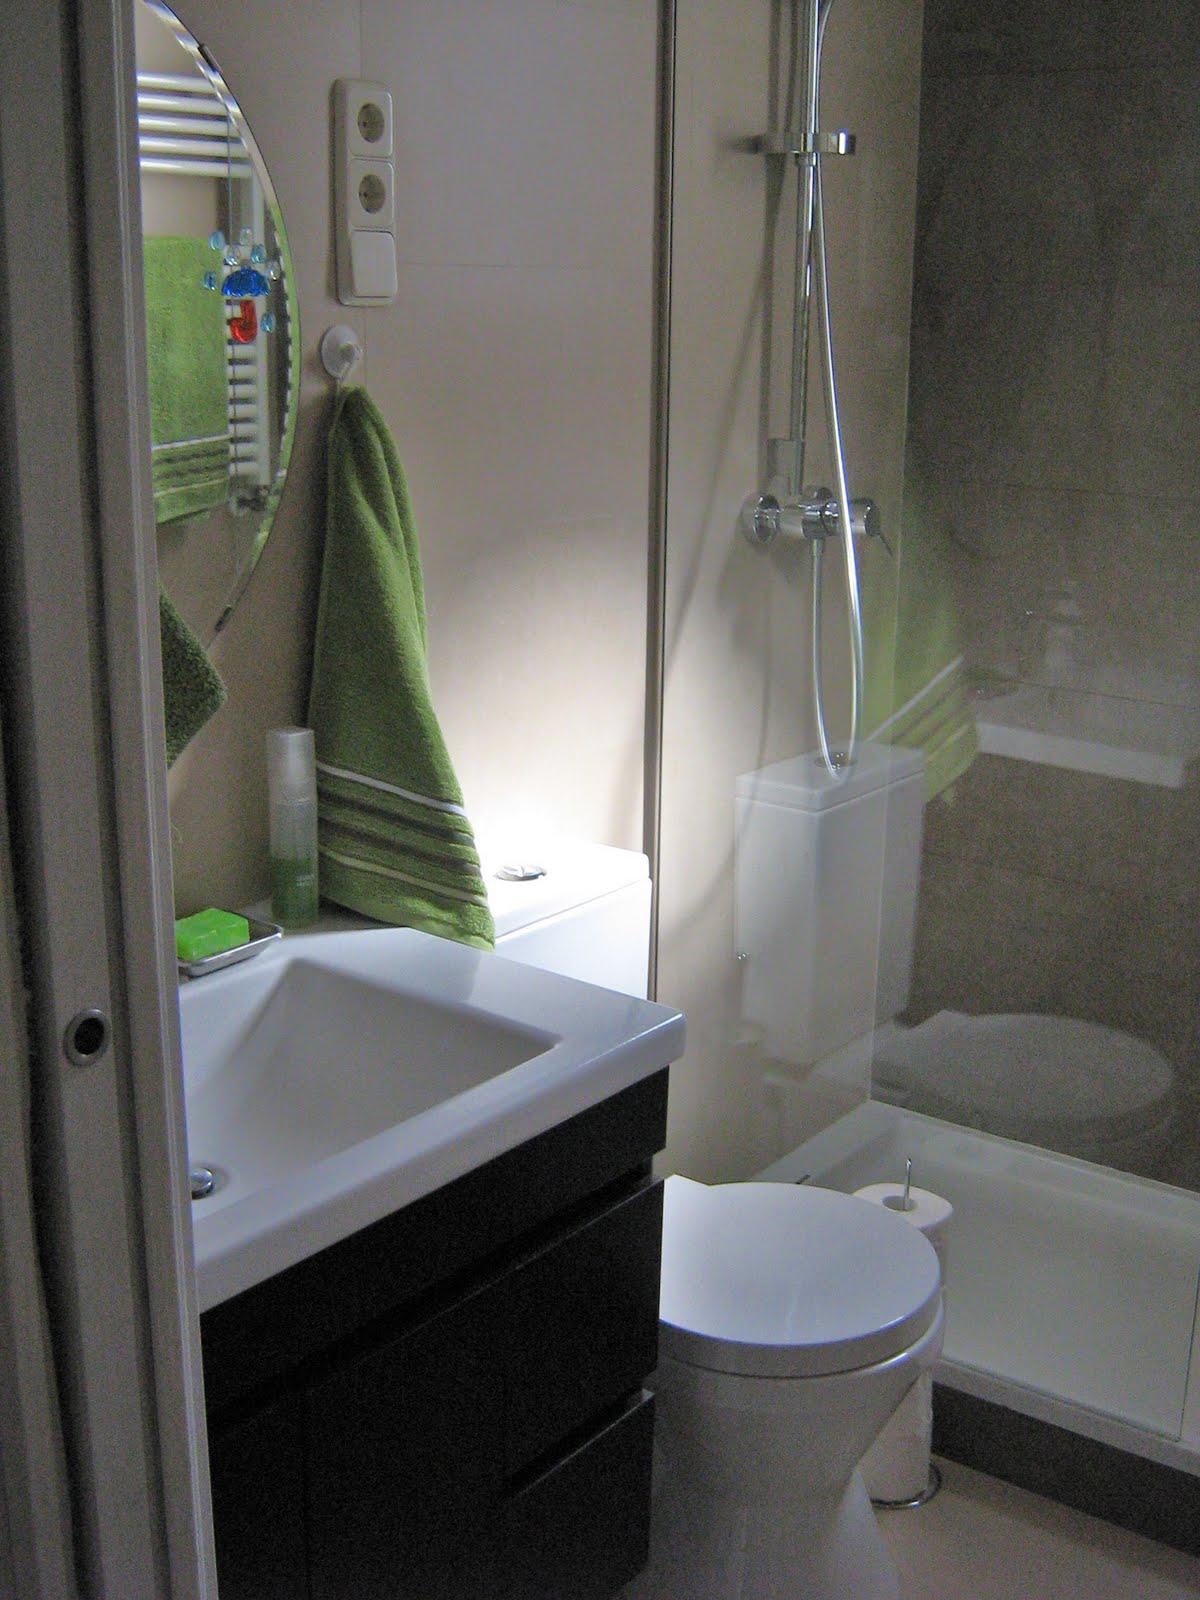 Baños Con Ducha Fotos:con Ducha: Diseño de baños con ducha pequeños , alargados y con